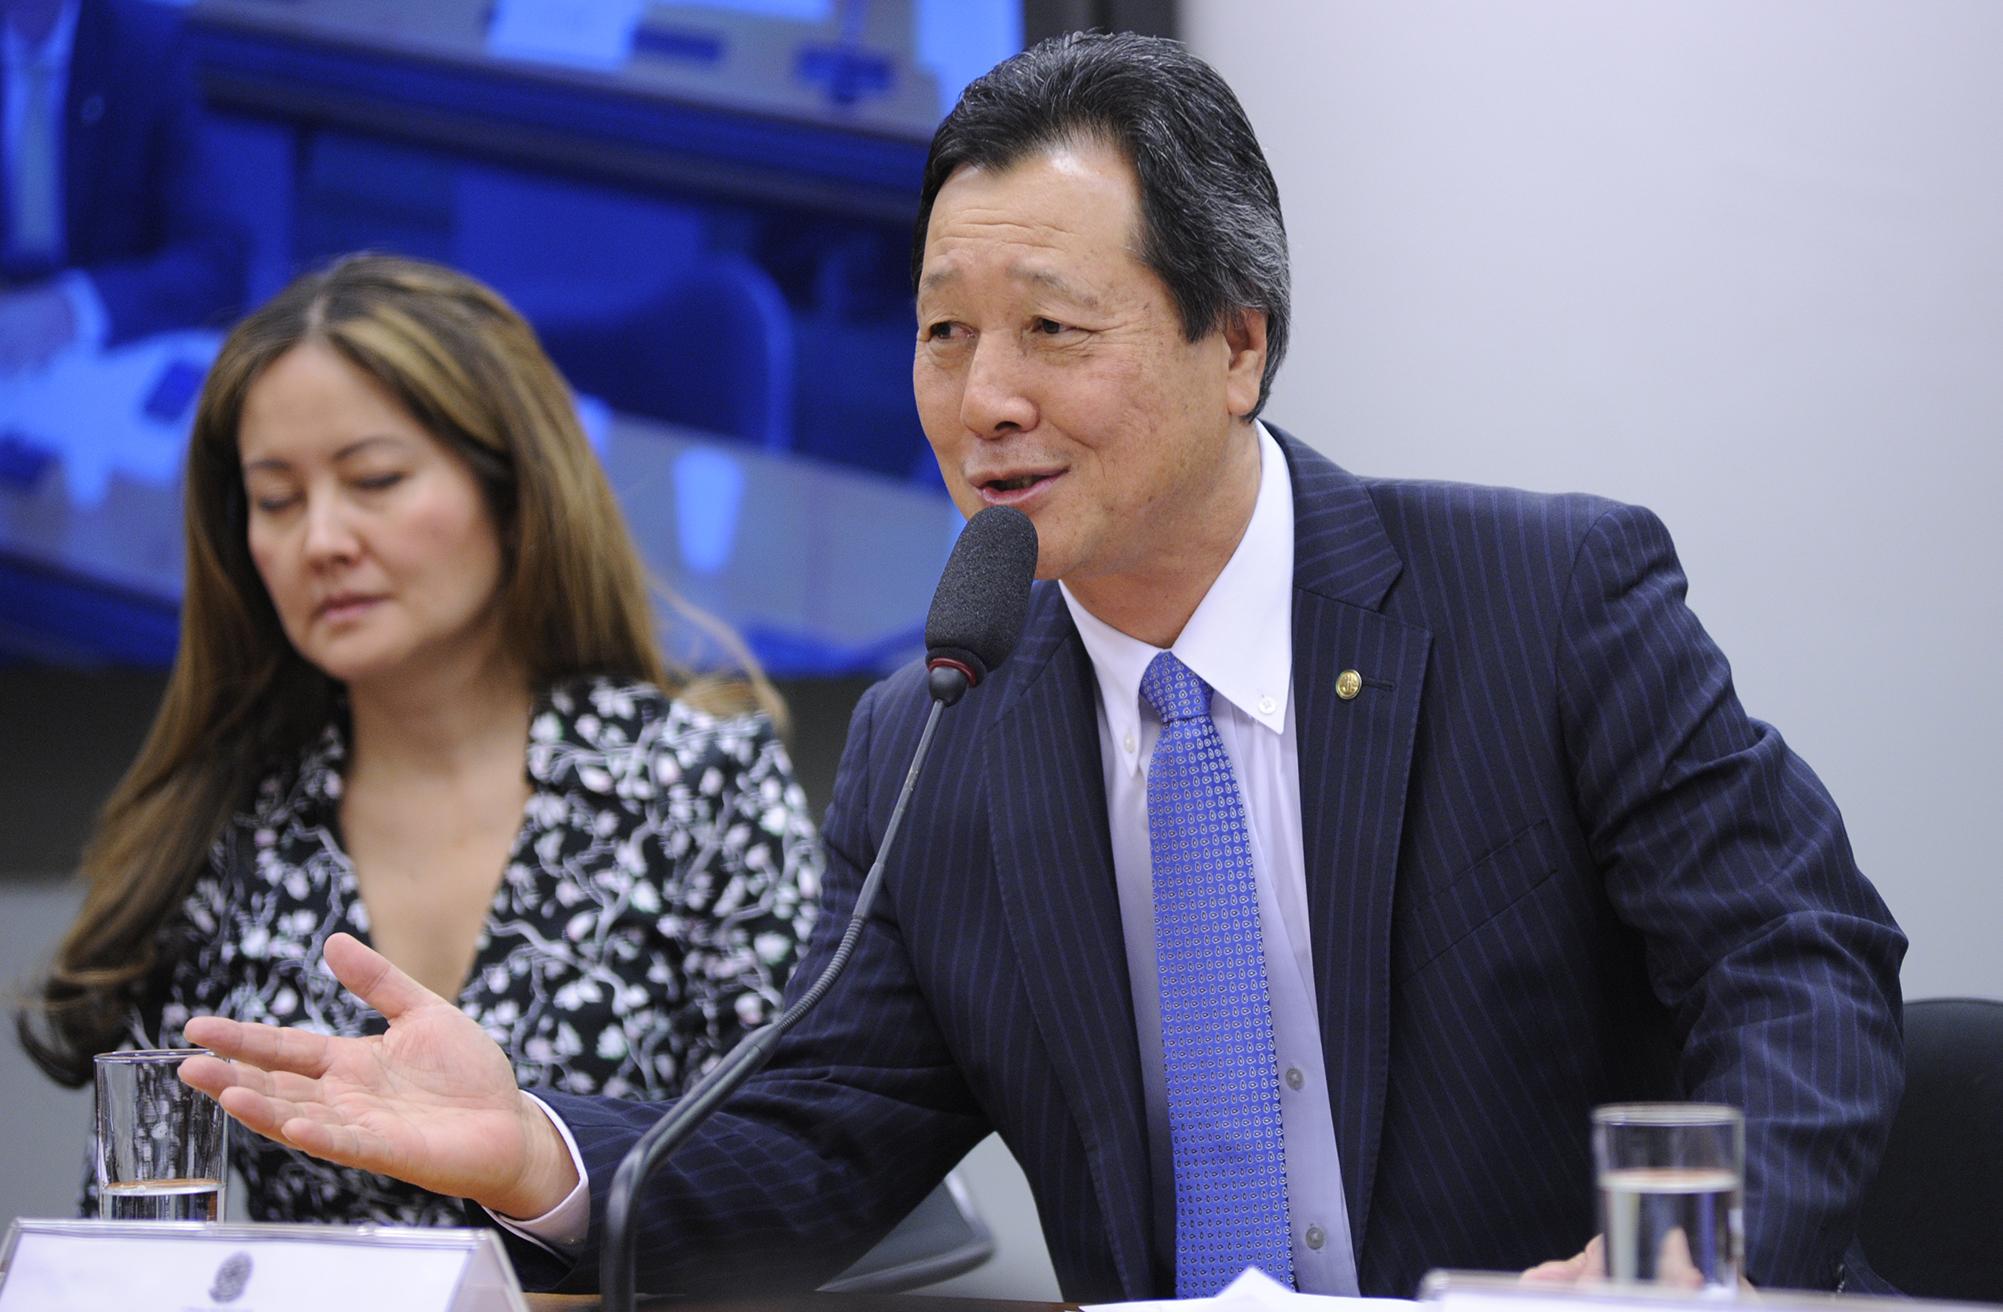 Audiência pública das comissões de Relações Exteriores e de Defesa Nacional (CREDN) e de Desenvolvimento Econômico, Indústria, Comércio e Serviços (CDEICS) para comemoração dos 109 anos de imigração japonesa e discussão sobre assuntos de interesse das duas Nações. Dep. Luiz Nishimori (PR-PR)